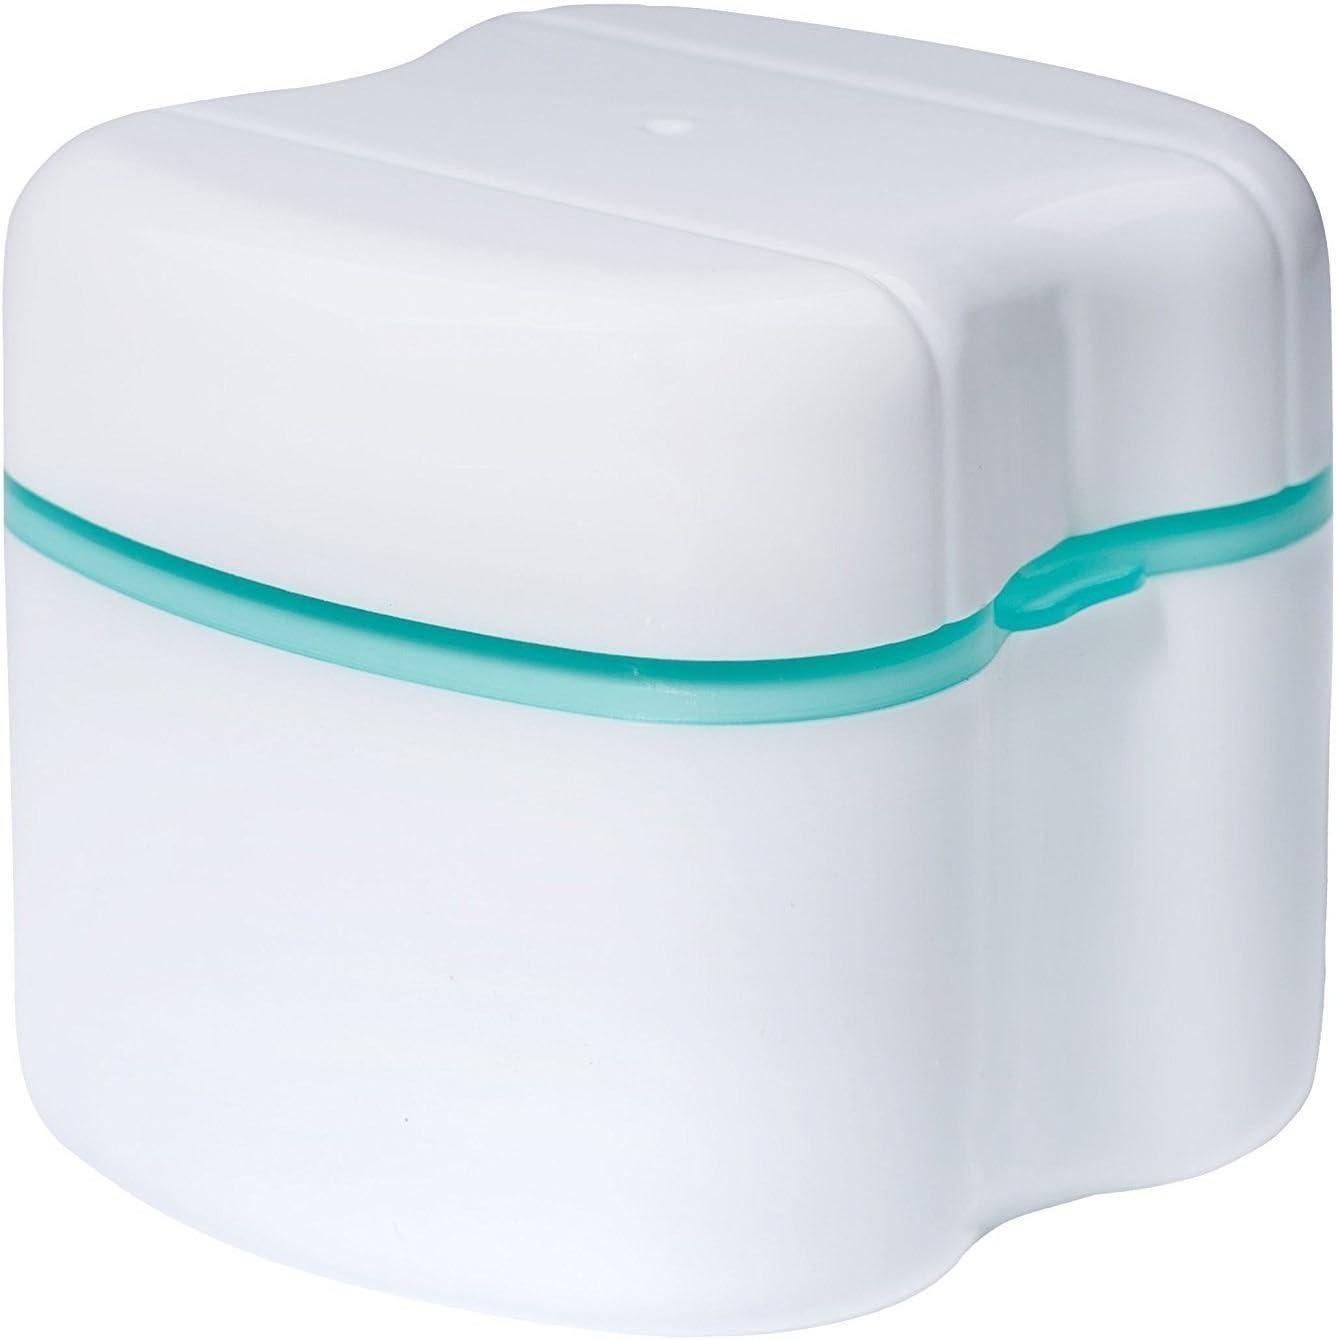 Contenedor para Caja de baño para dentadura, YouGer Caja para Almacenamiento de Dientes Falsos dentales para Uso doméstico y de Viaje: Amazon.es: Hogar